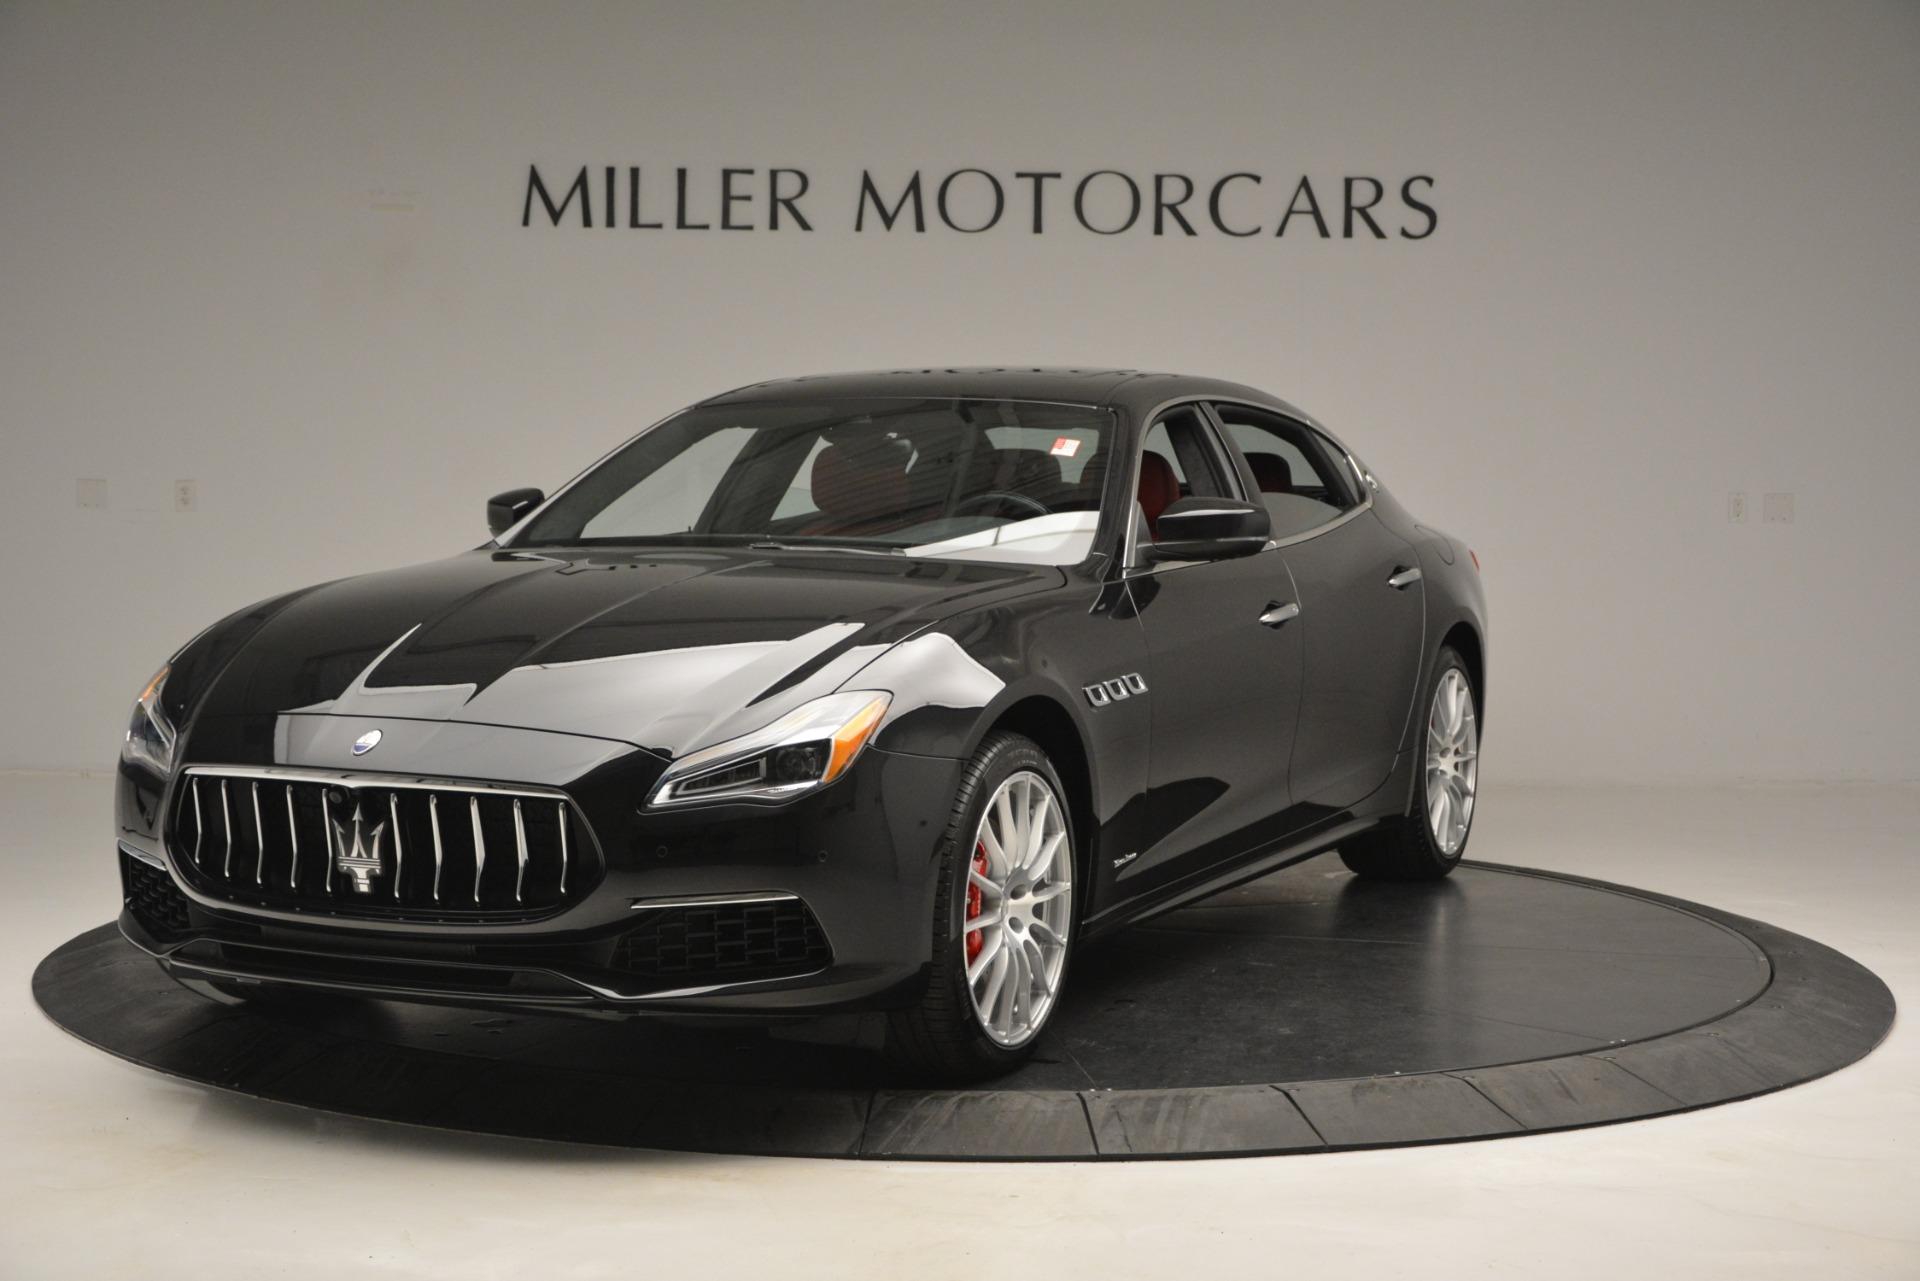 New 2019 Maserati Quattroporte S Q4 GranLusso for sale Sold at McLaren Greenwich in Greenwich CT 06830 1